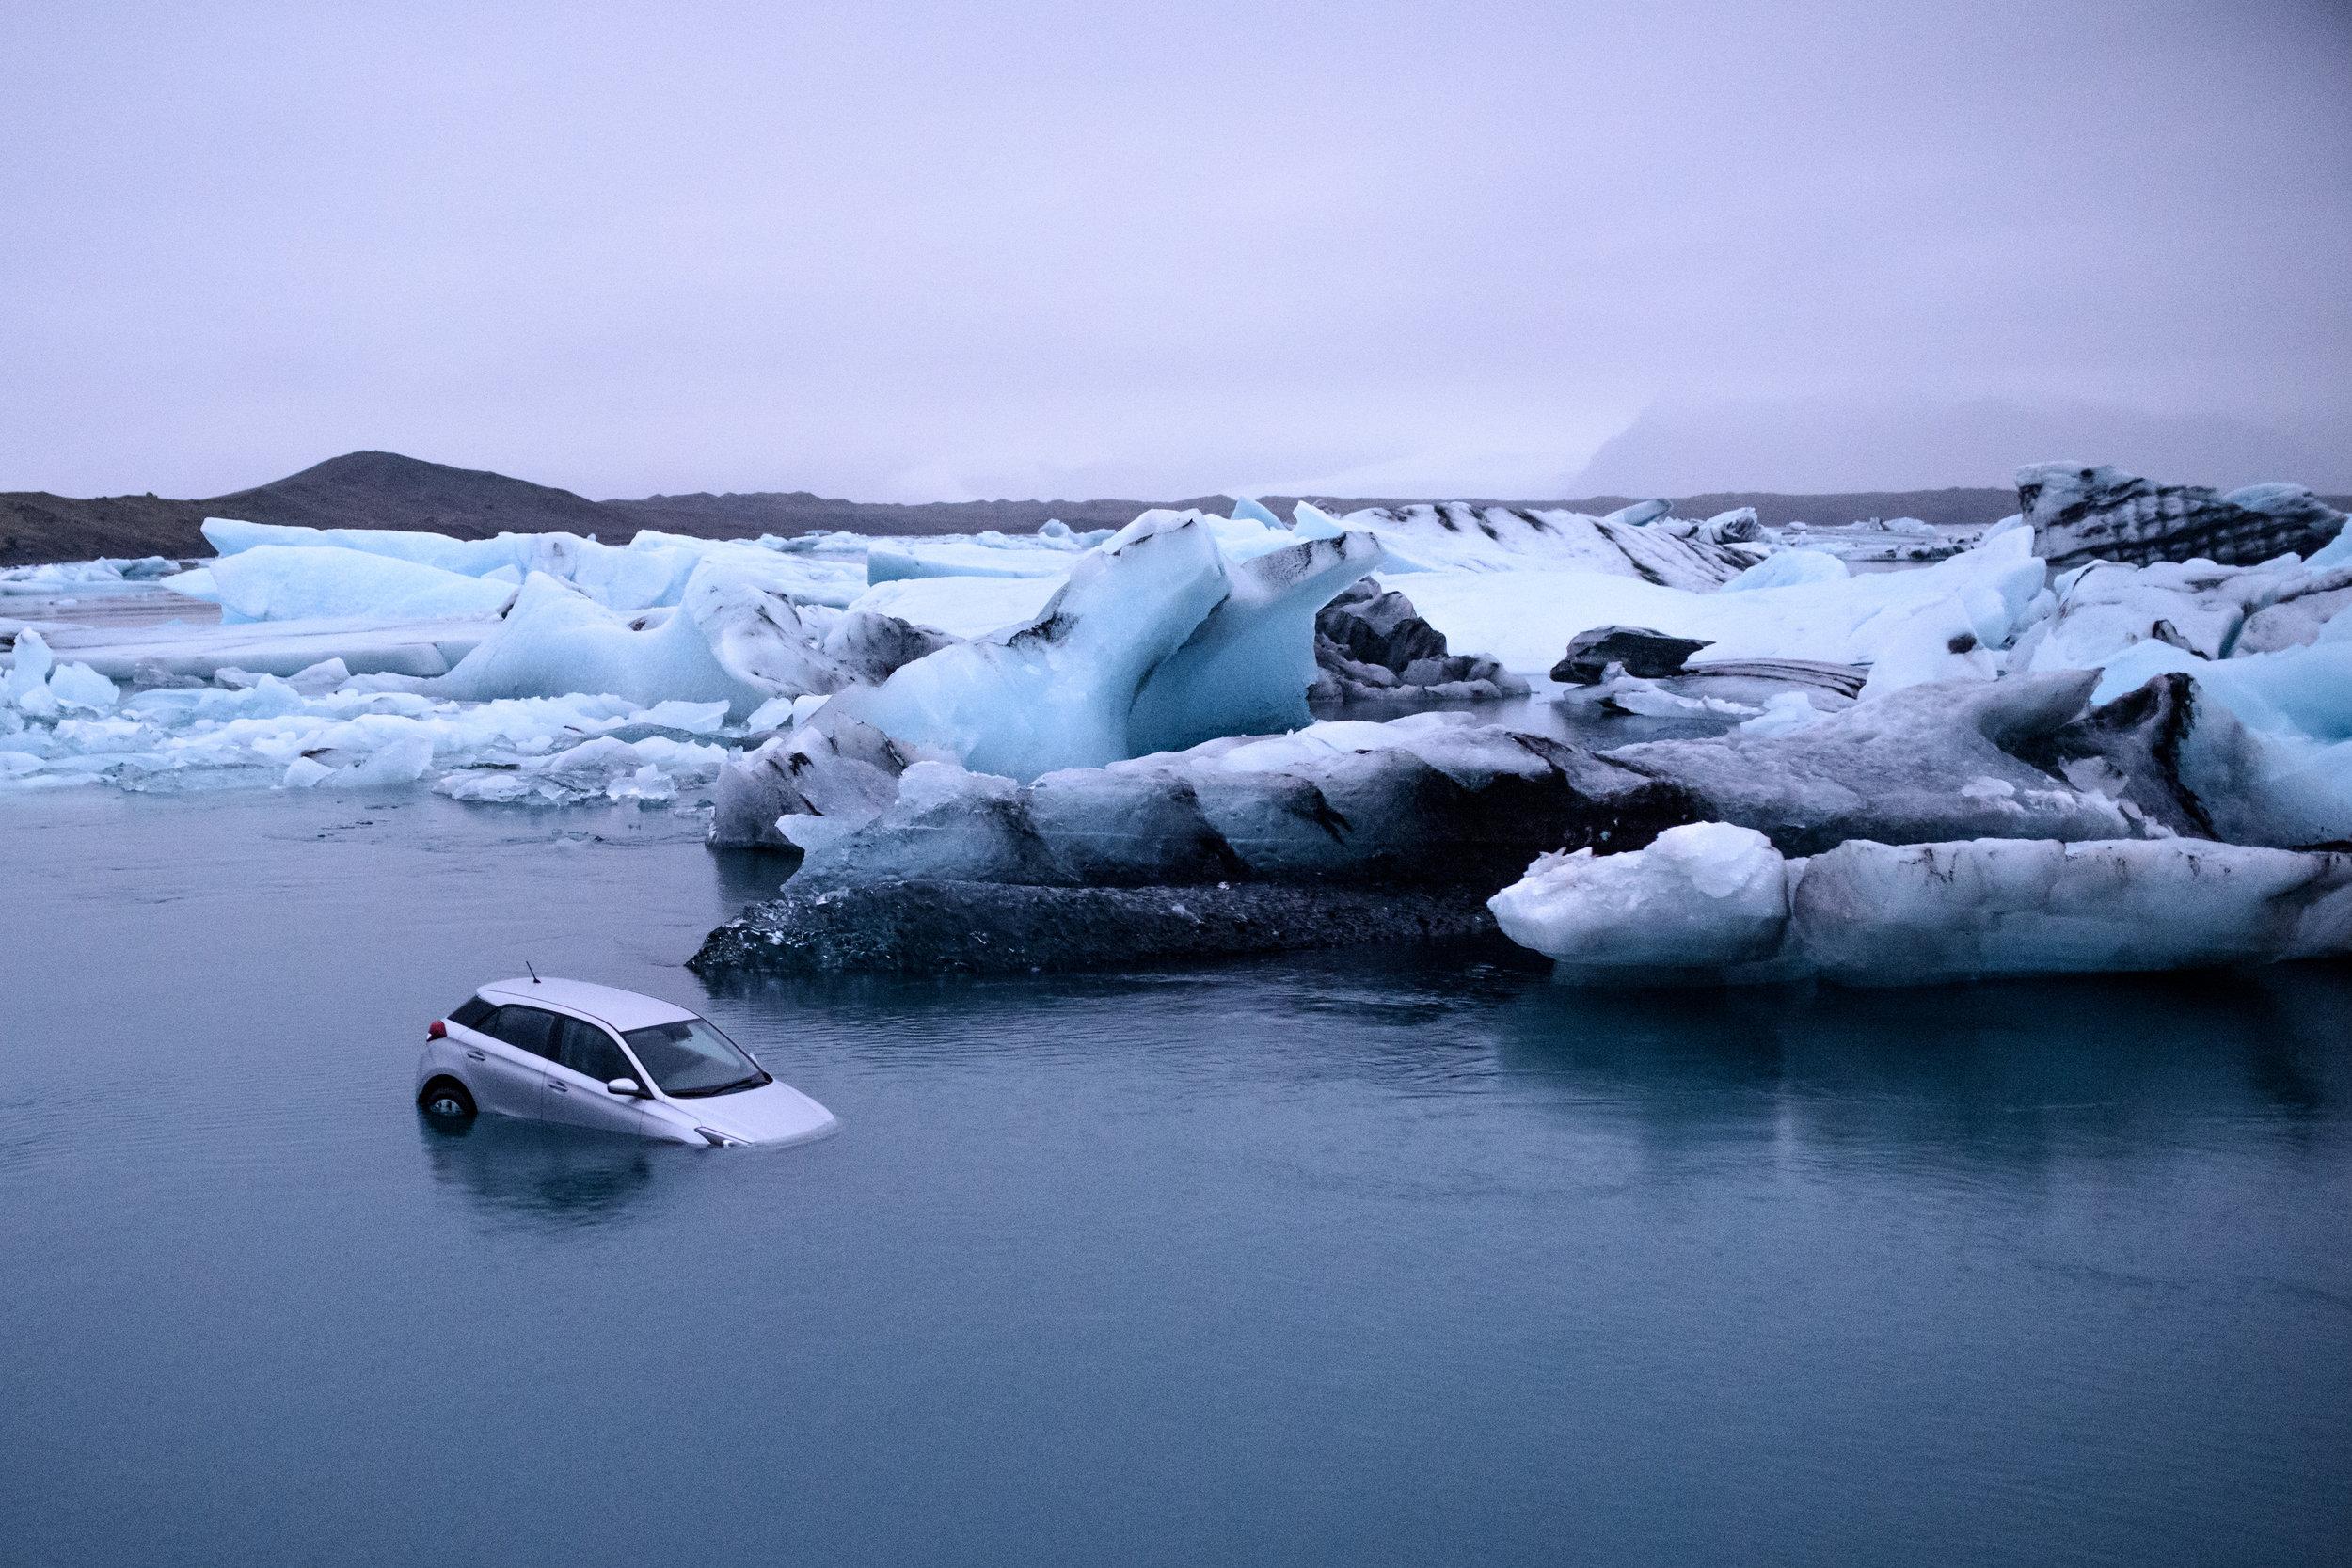 A car sinks into Jökulsárlón glacial lagoon, Iceland